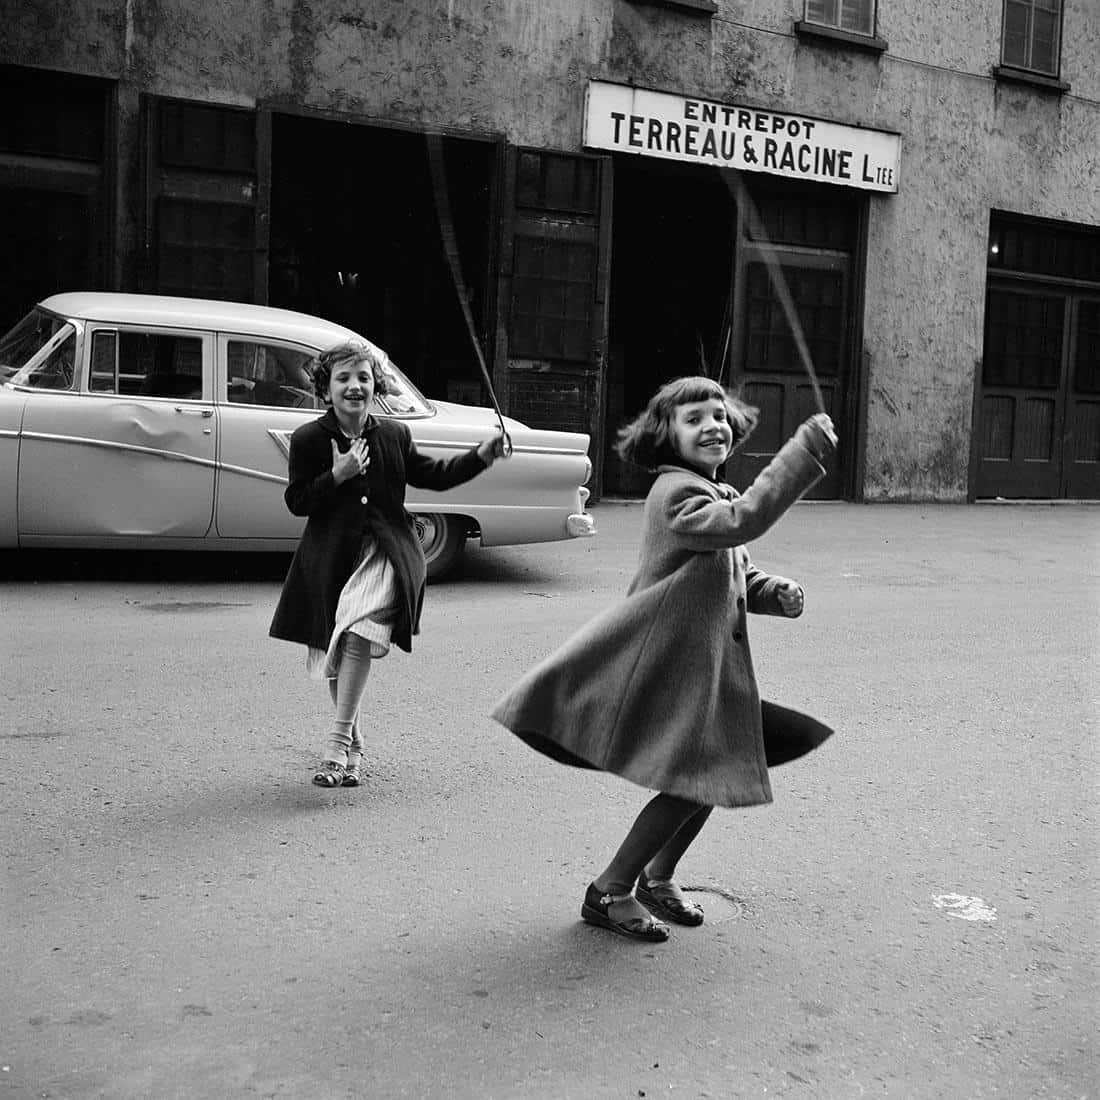 Vivian Maier – famous photographer